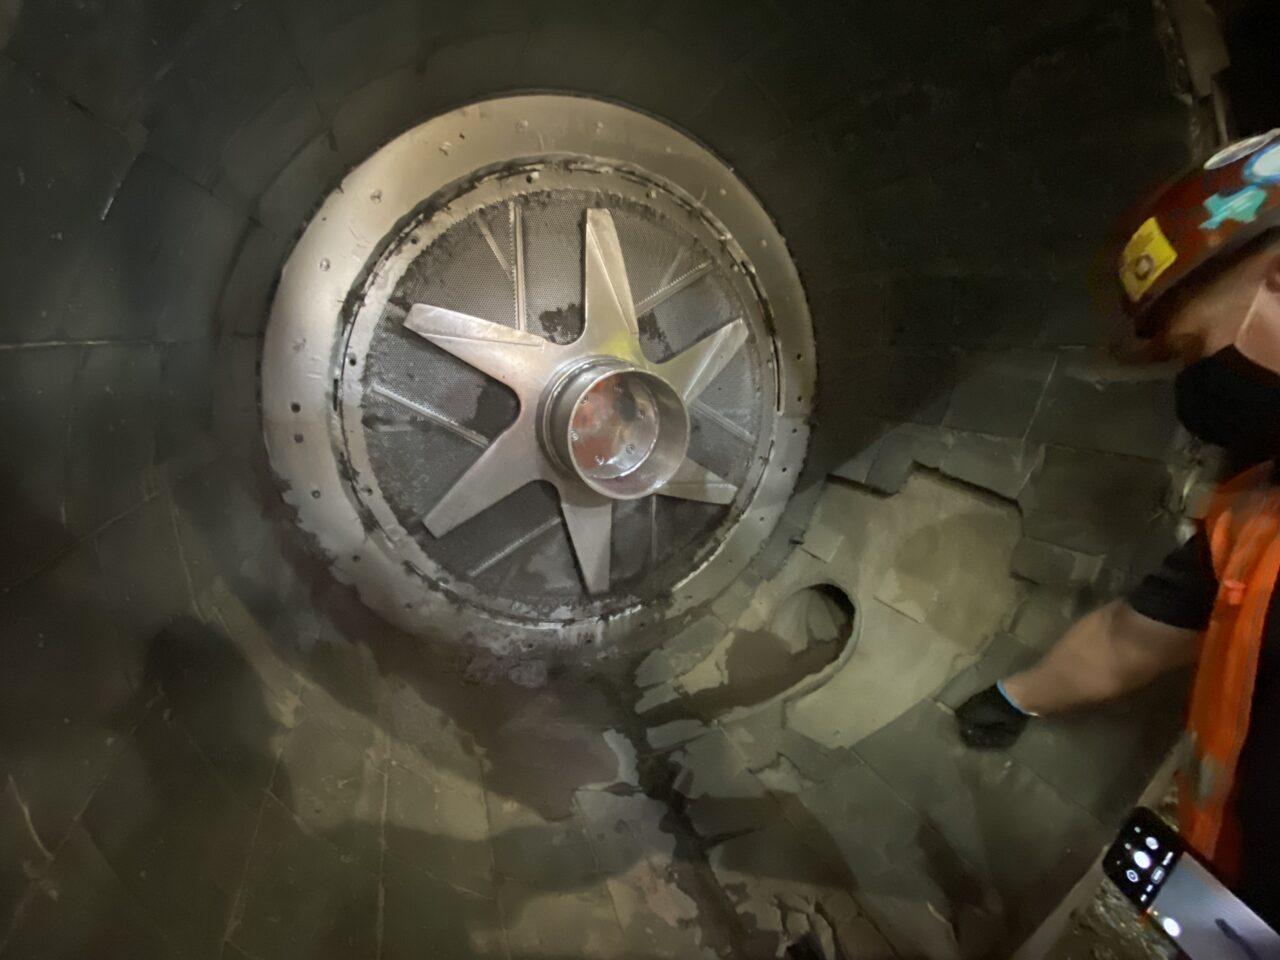 Internal view of turbo separator showing damaged tiles